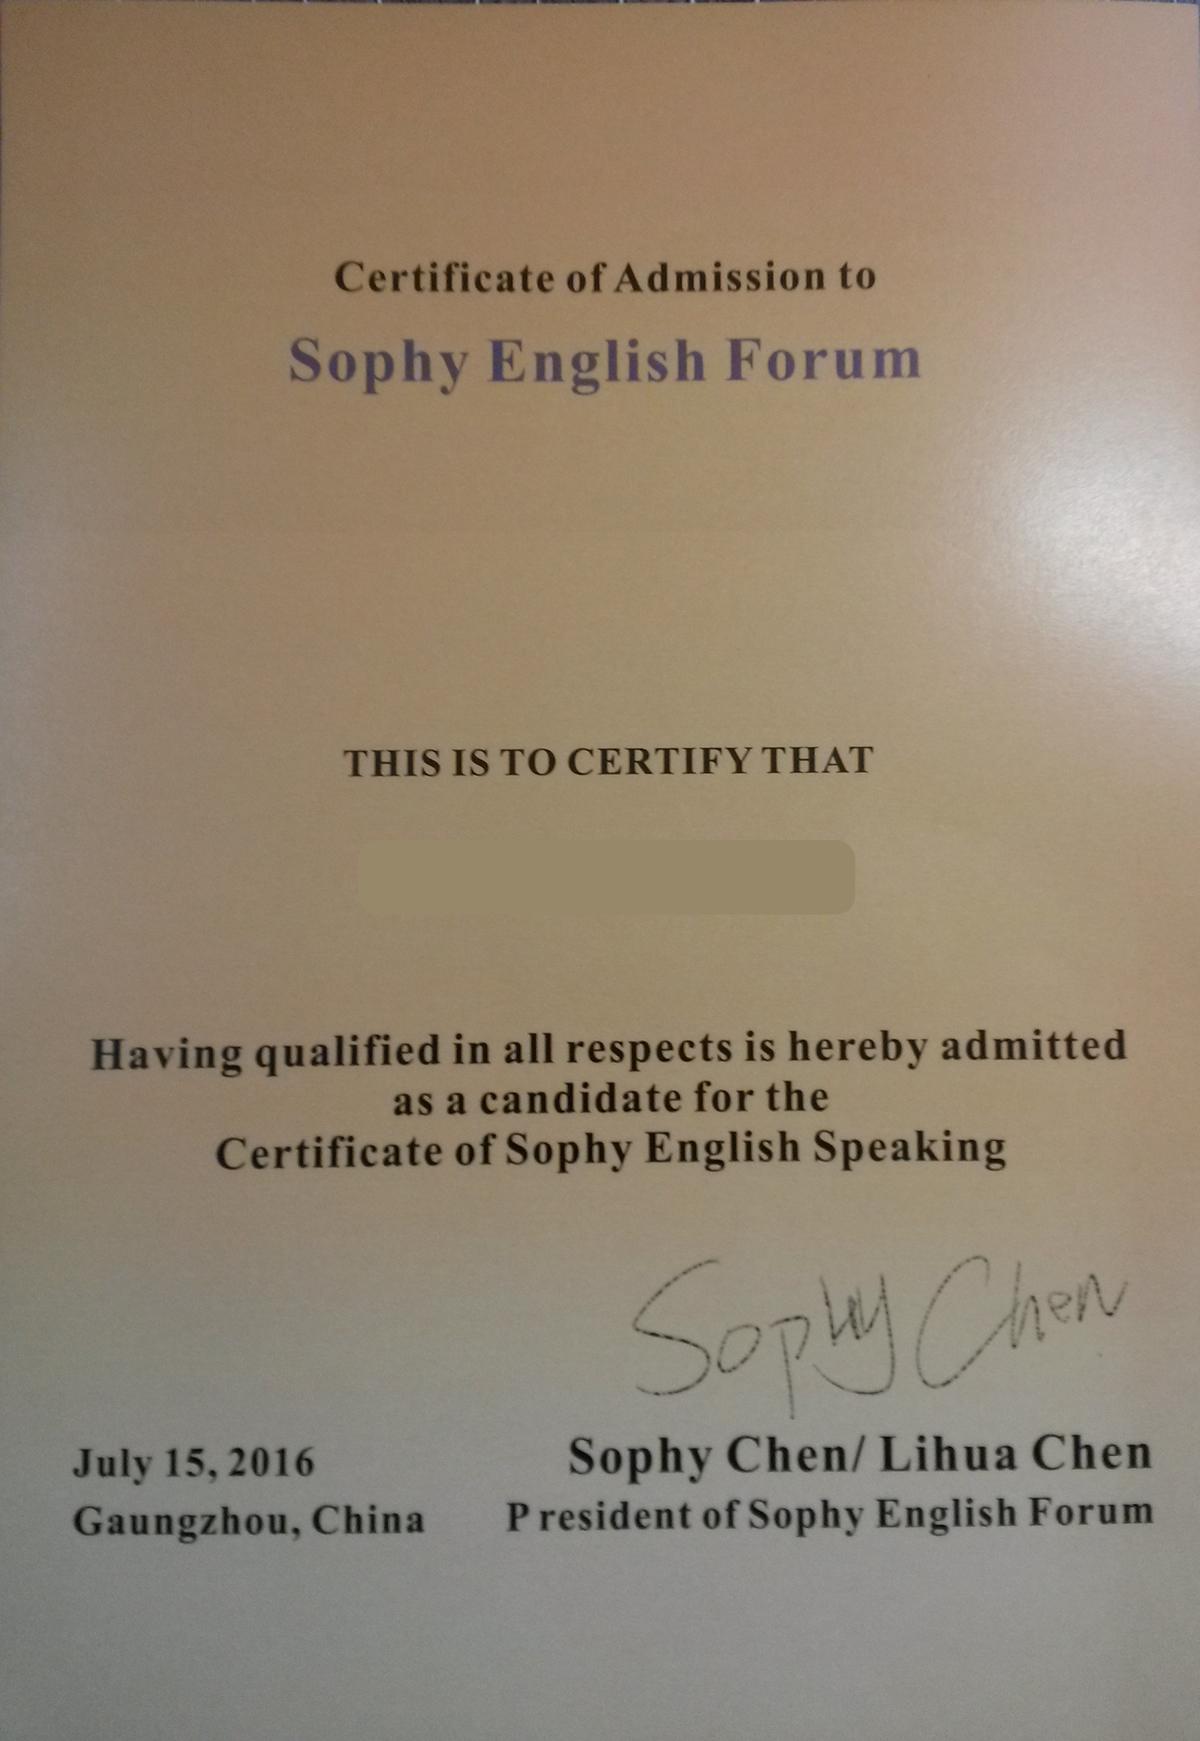 1-1200 苏菲英语讲坛录取通知书暨入学合同样本